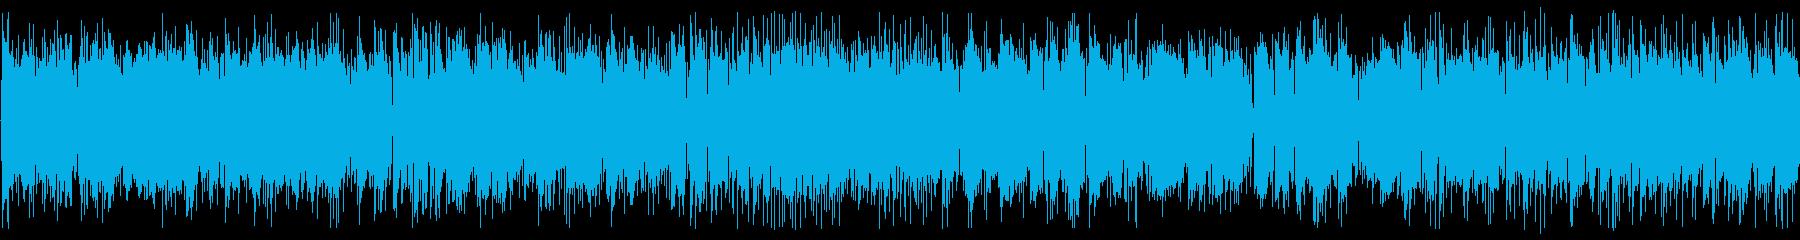 「交響曲第40番 」アシッドジャズの再生済みの波形